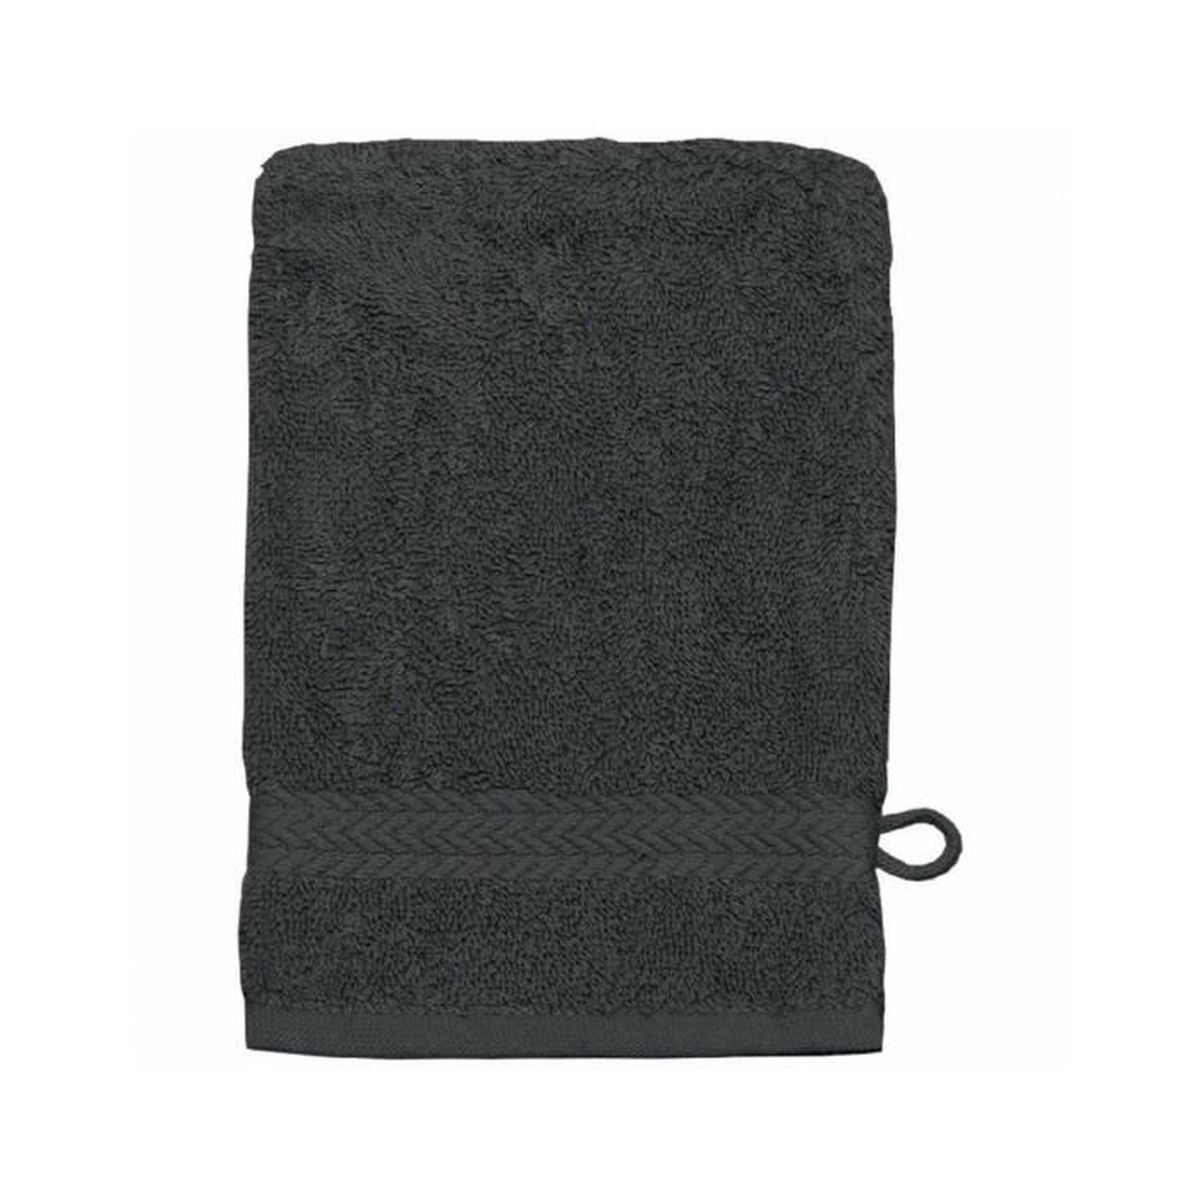 gant de toilette 16 x 22 cm en coton couleur an achat vente gant de toilette gant de. Black Bedroom Furniture Sets. Home Design Ideas